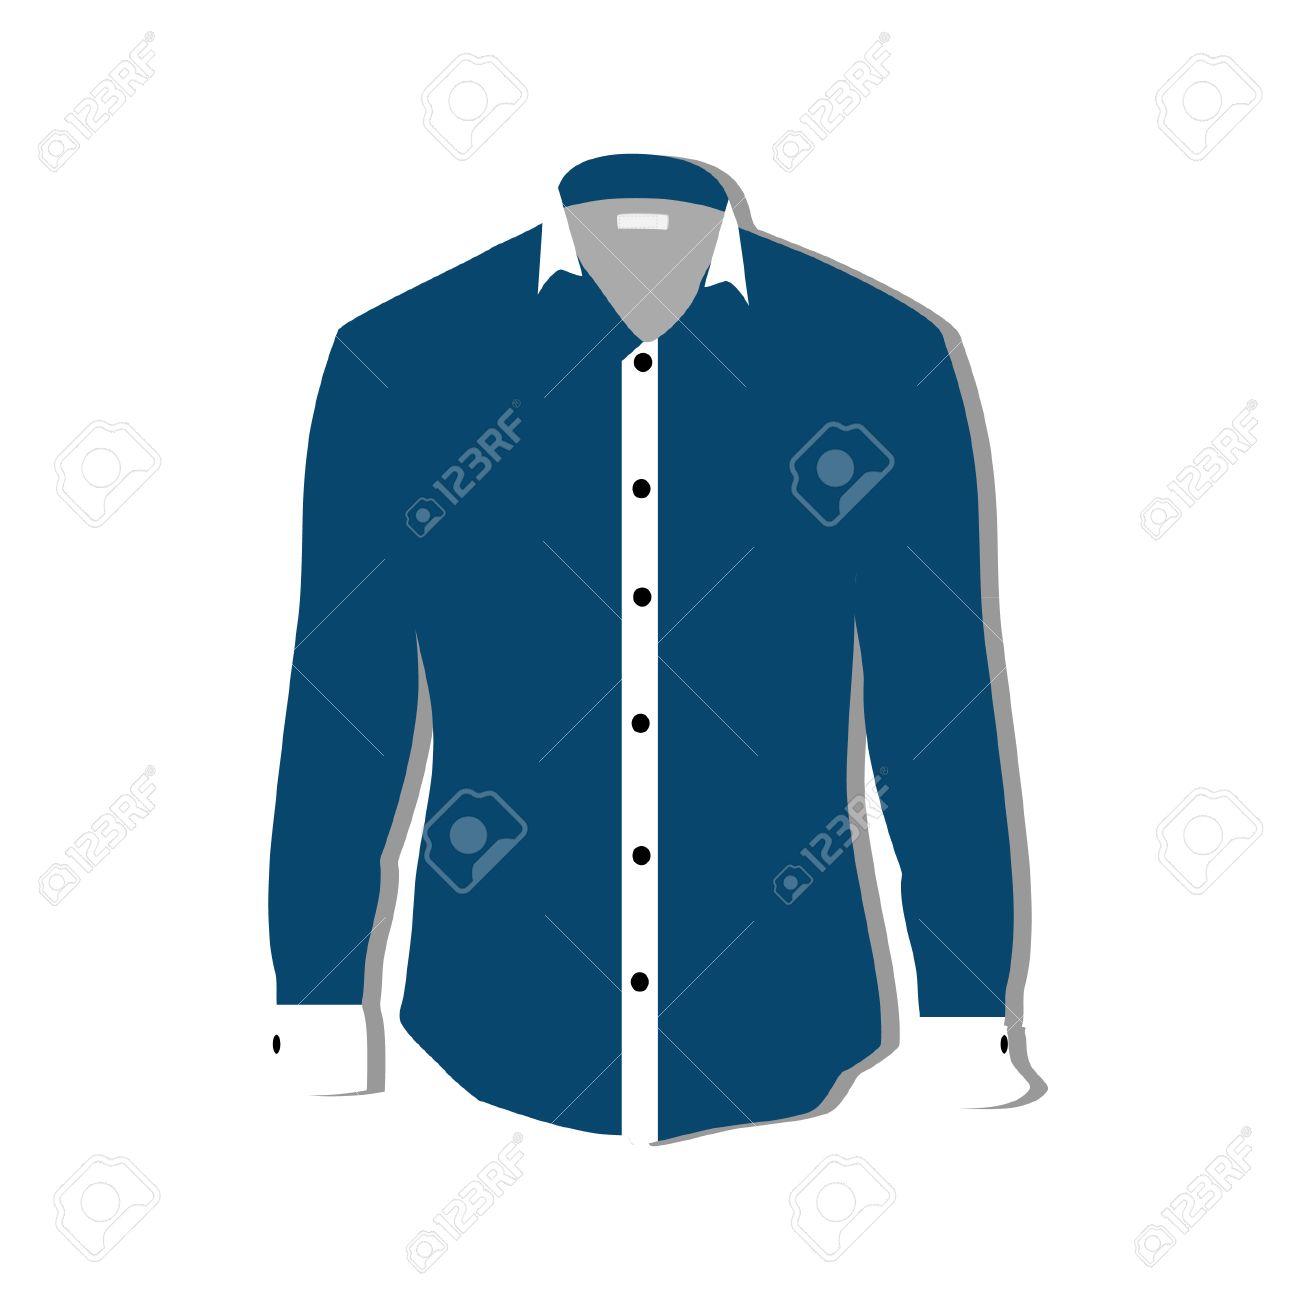 Ilustración De La Camiseta, Ropa, Hombre, Camisa Formal, Camisa Azul ...